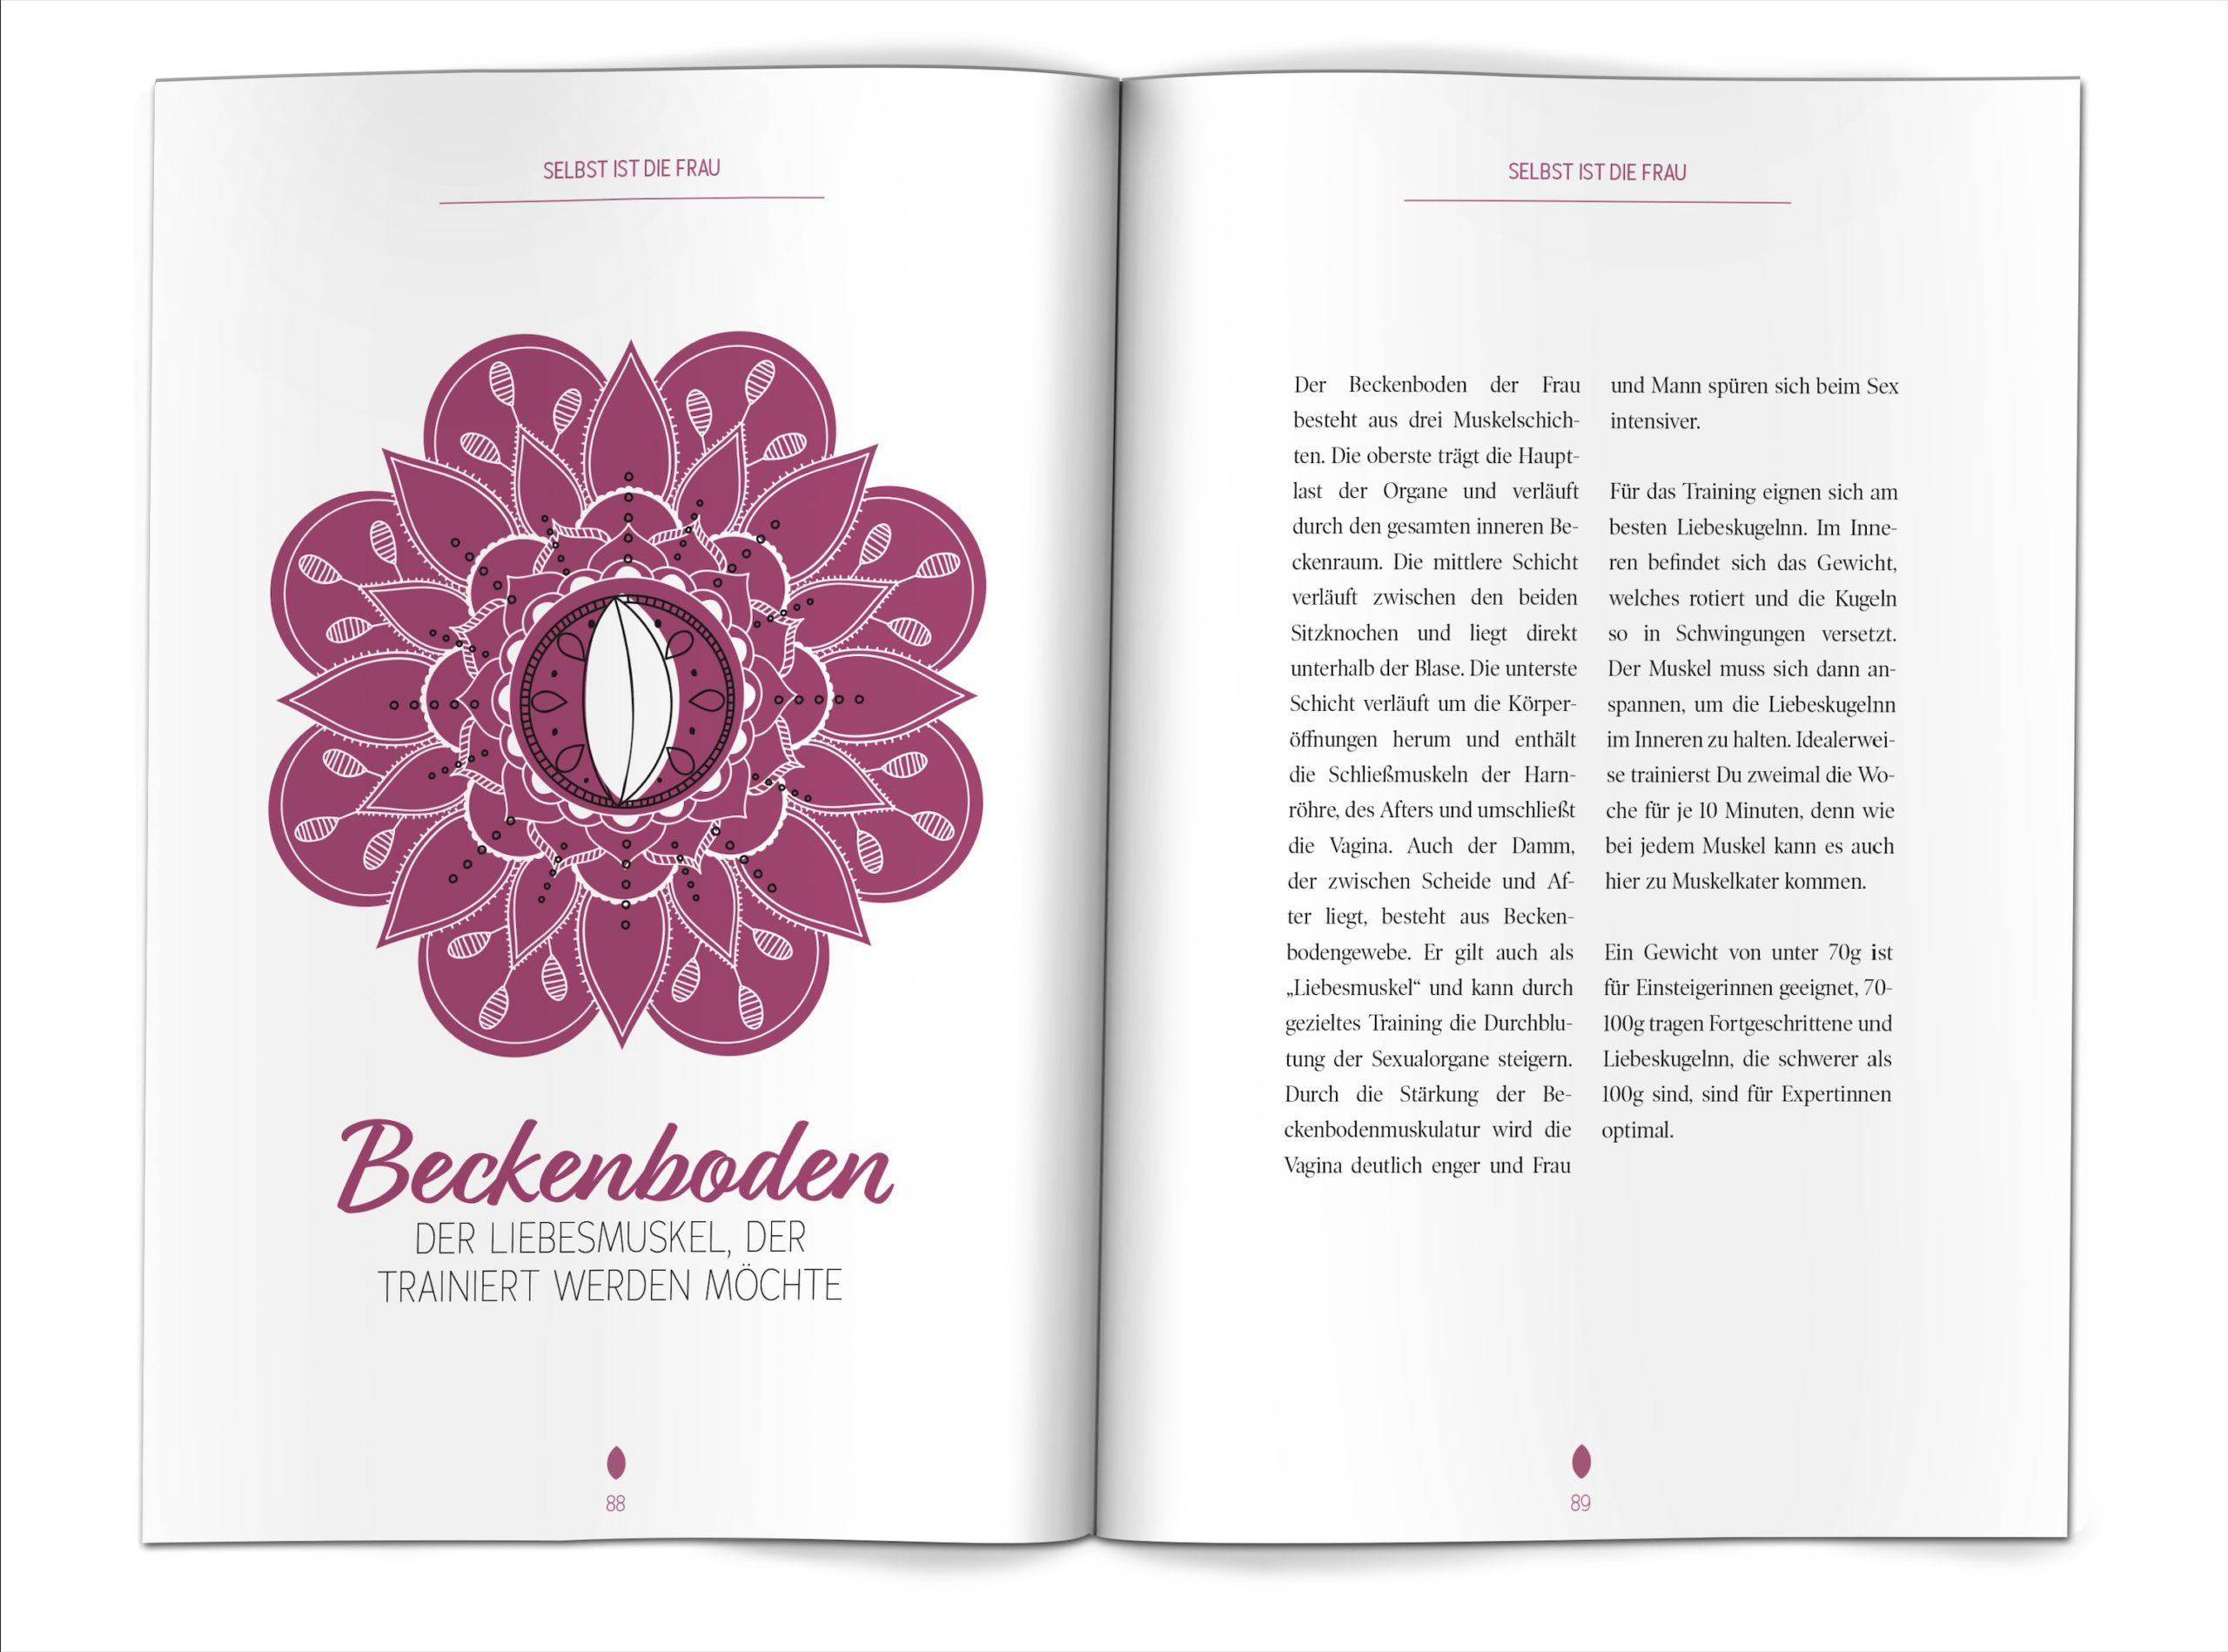 ORION Buch_Ich will, du willst, wir wollen_Texte, Fotos, Grafiken